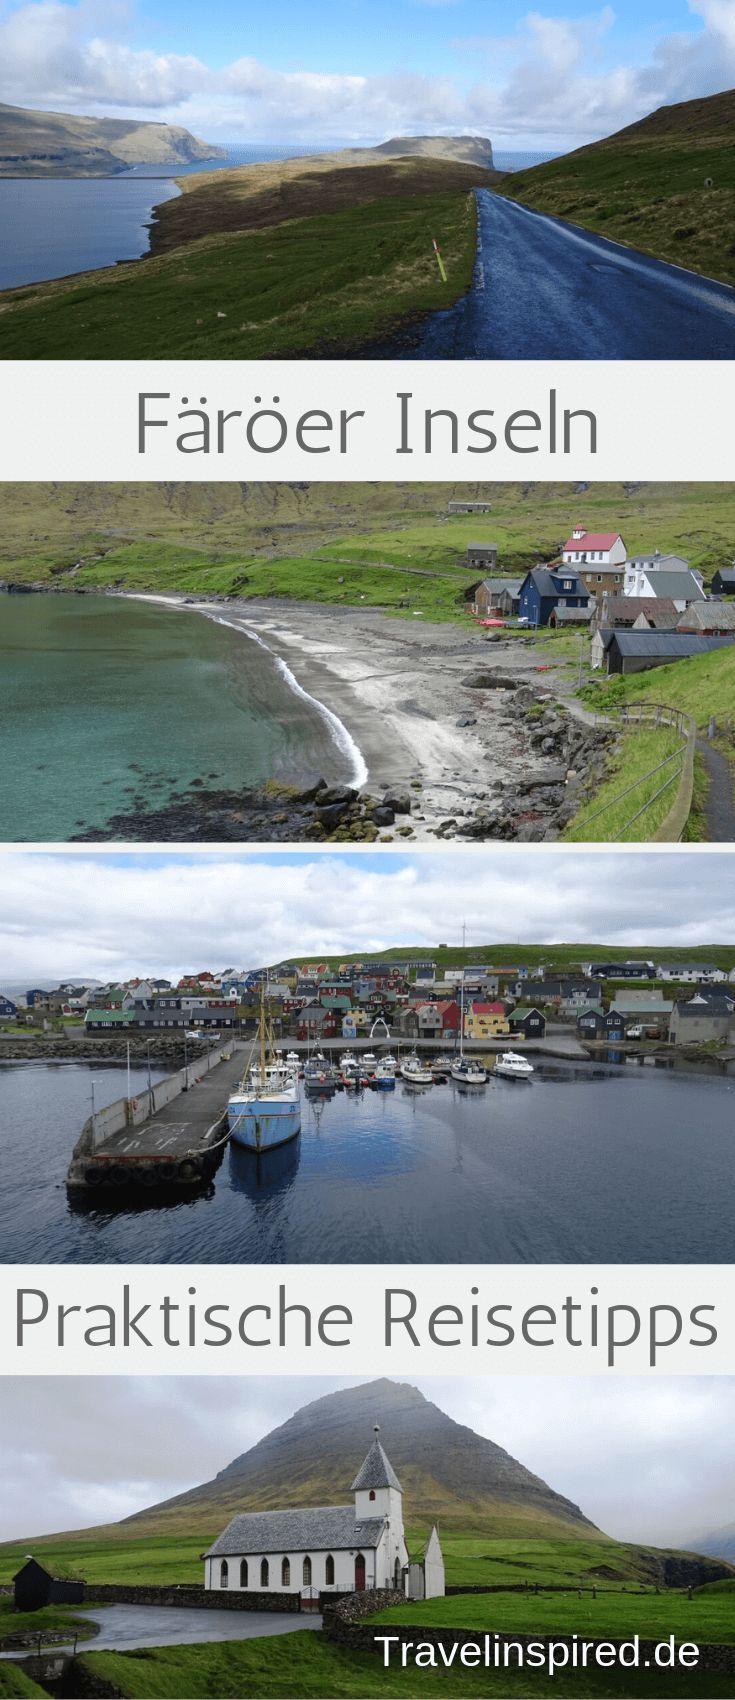 Urlaub Auf Den Faroern Reisetipps Infos Reisen Urlaub Reisetipps